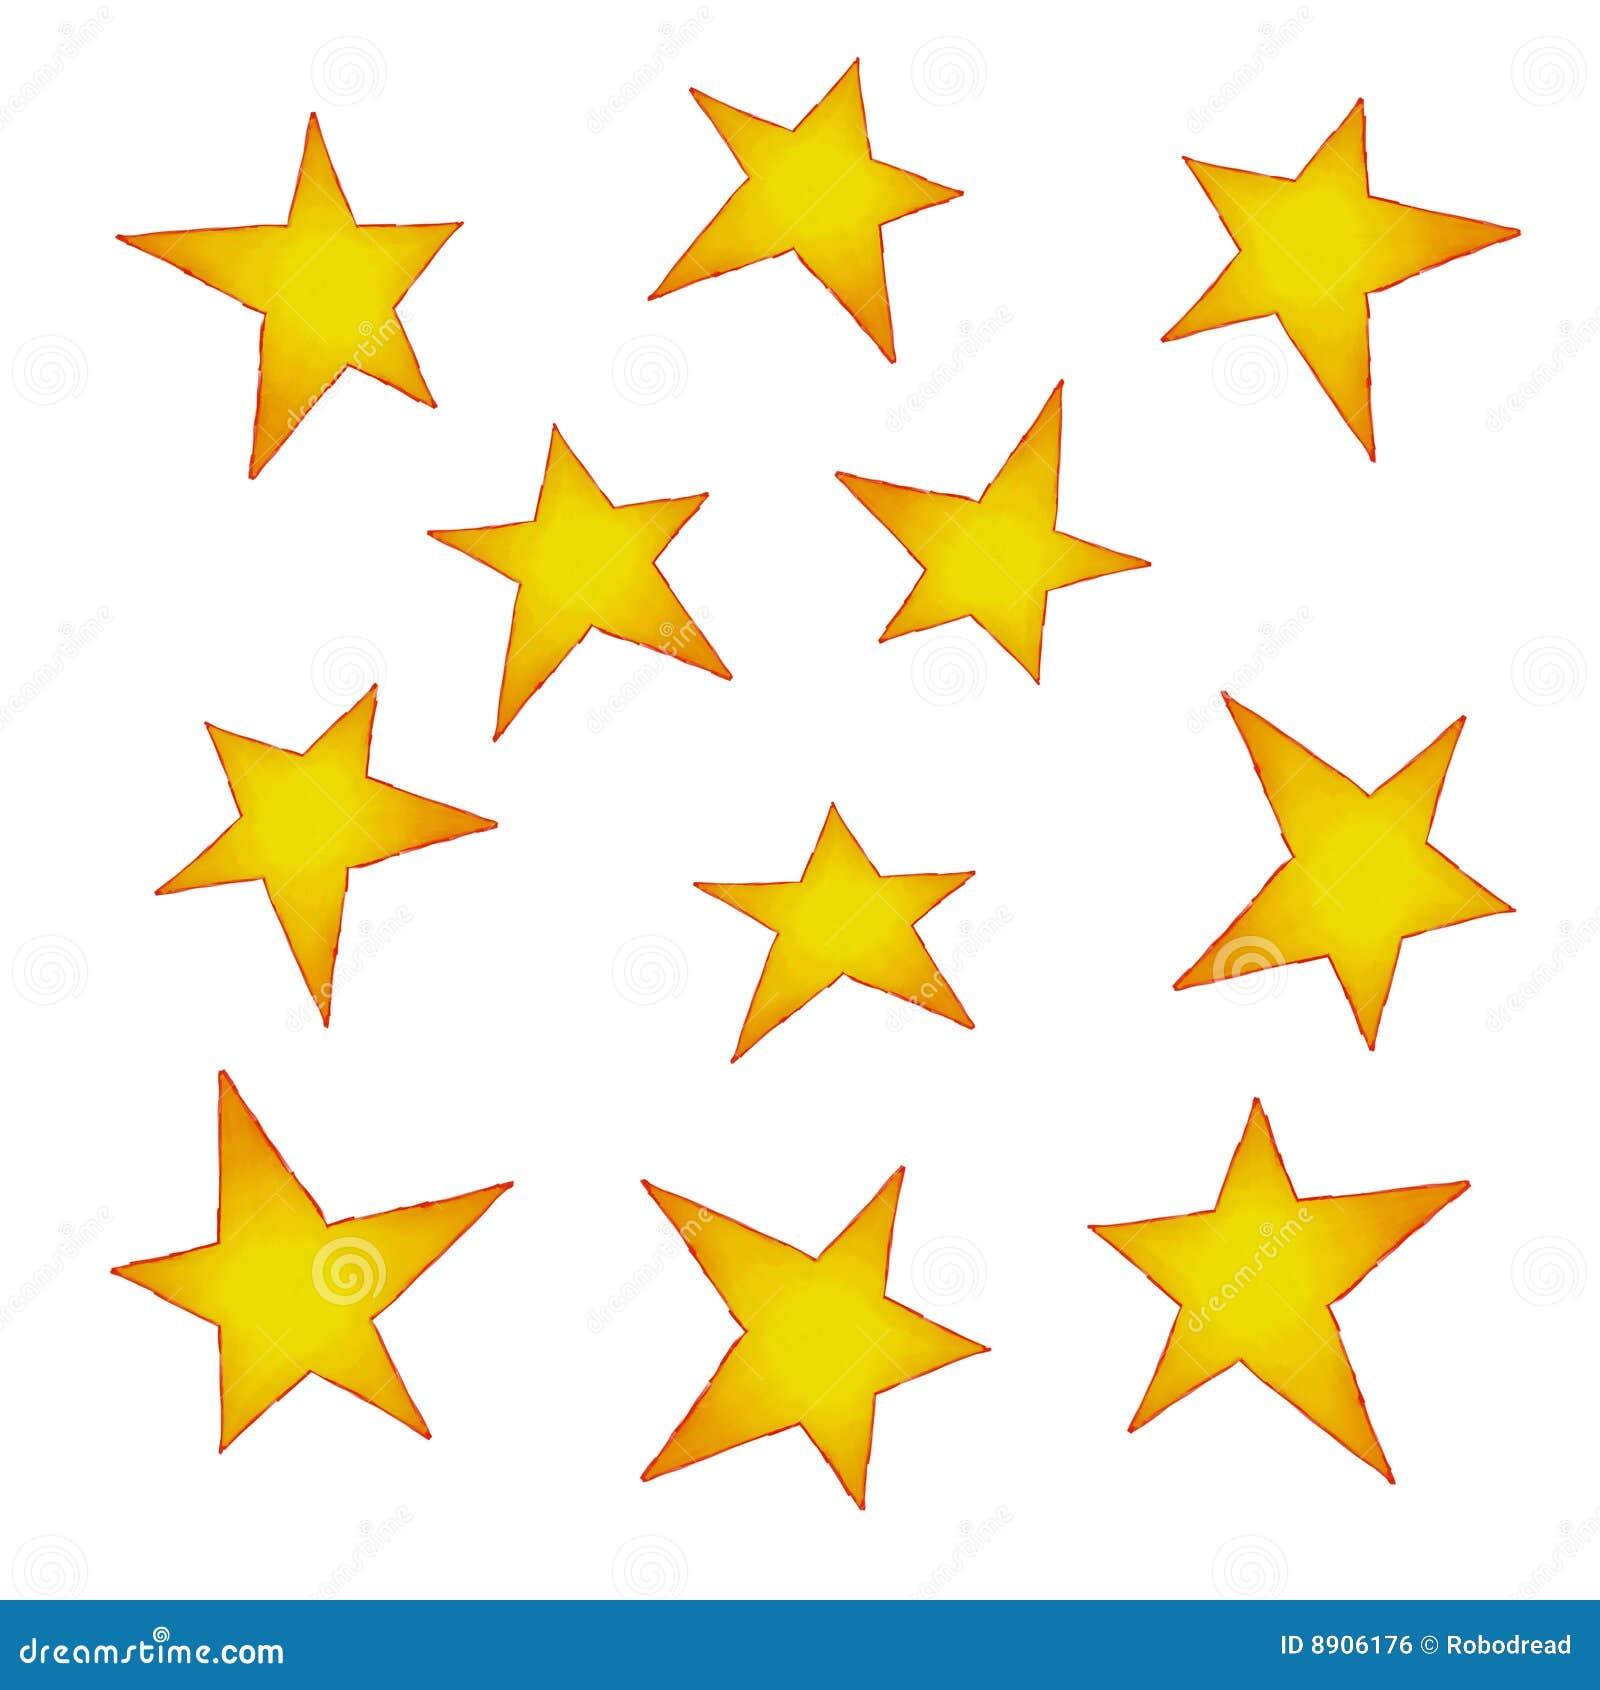 geschilderde sterren 8906176 - Behang Met Sterren